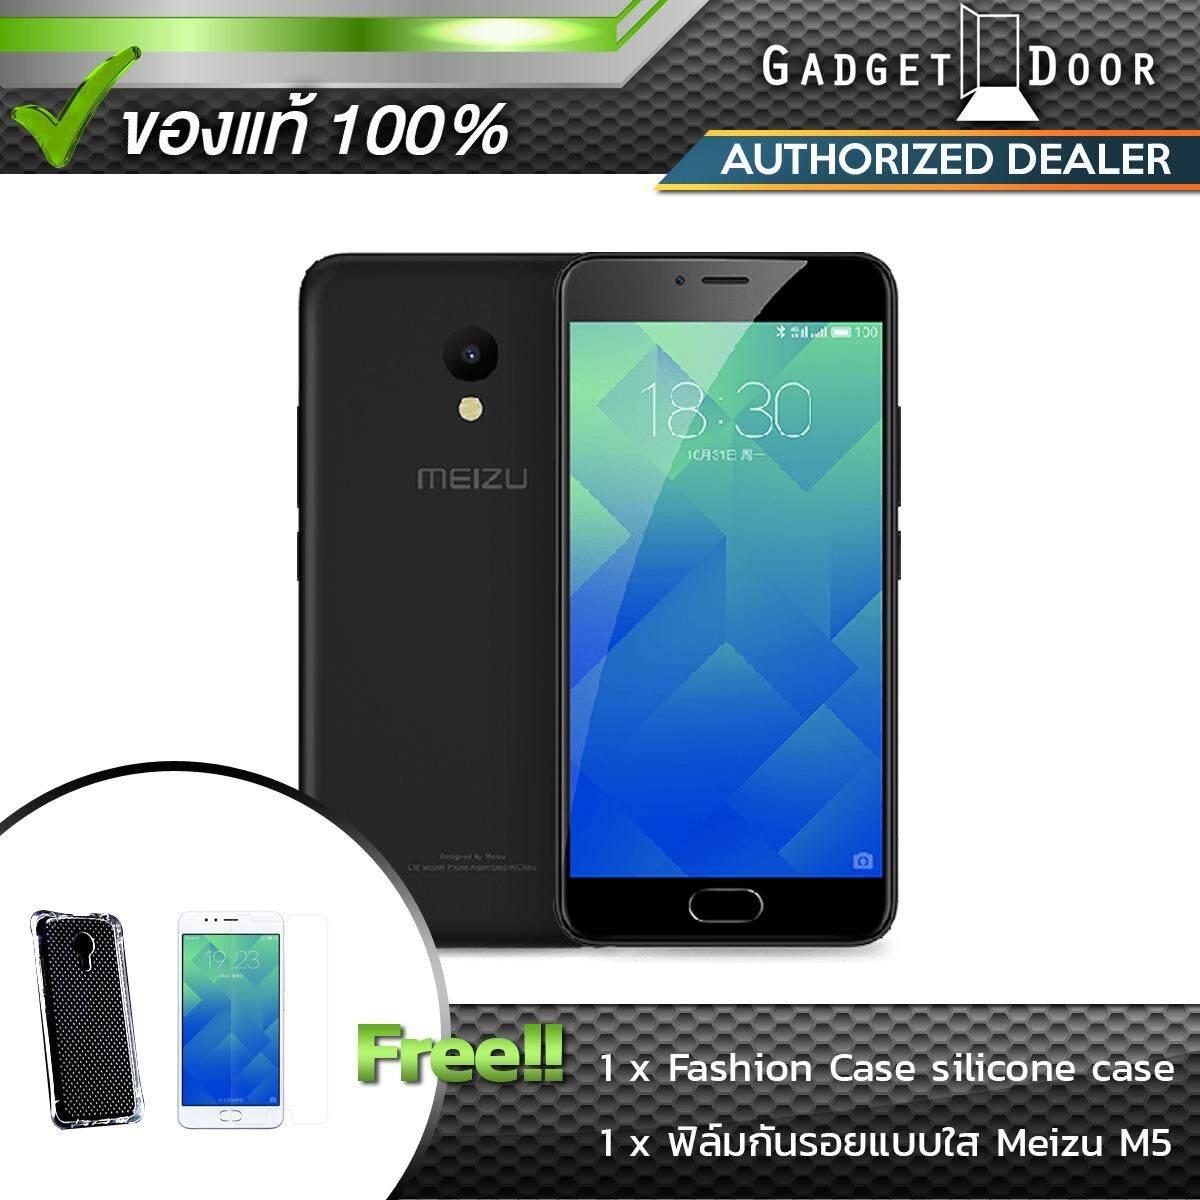 ทบทวน Meizu M5 Smartphone 4G 5 2 Mt6750 Octa Core Android 6 2Gb 16Gb Black แถมฟรี Fashion Case ฟิล์มกันรอย มูลค่ารวม 990 บาท